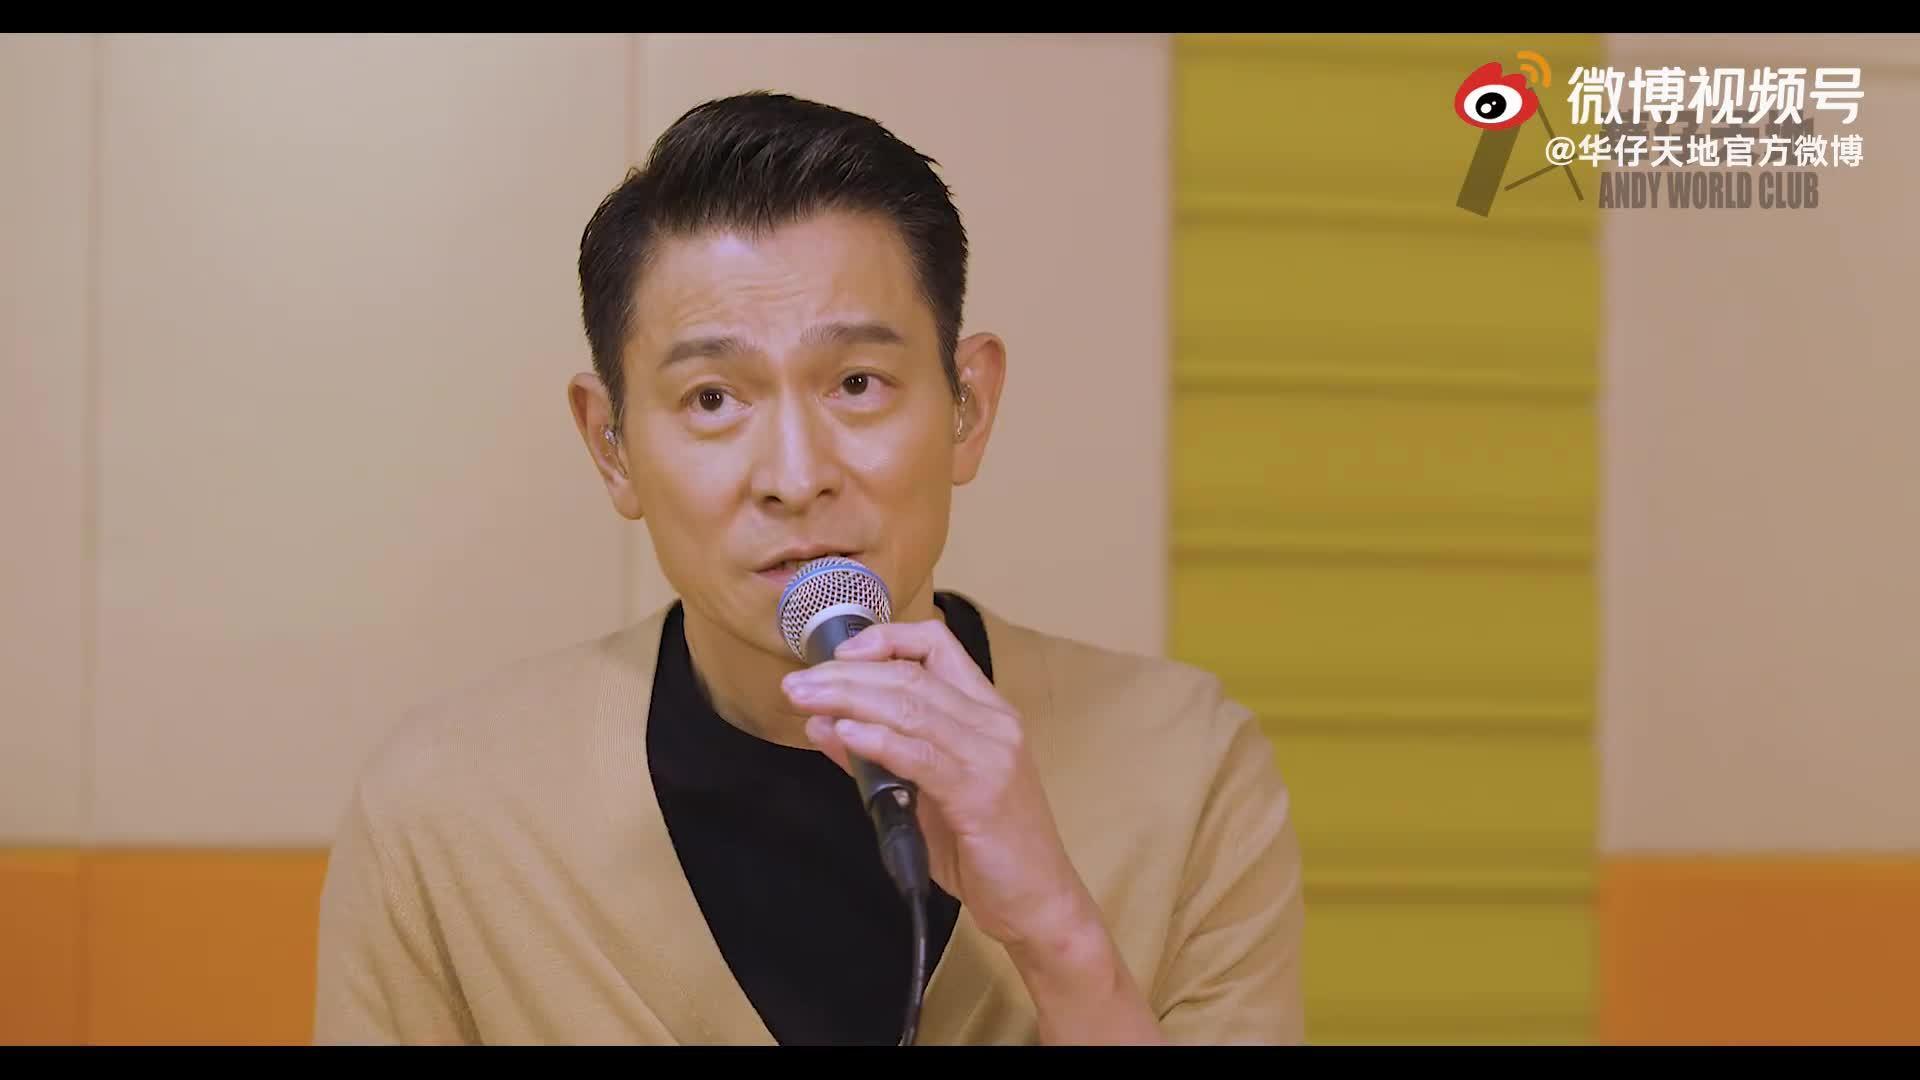 刘德华60岁线上生日会直播 演唱经典曲目与粉丝聊心底话